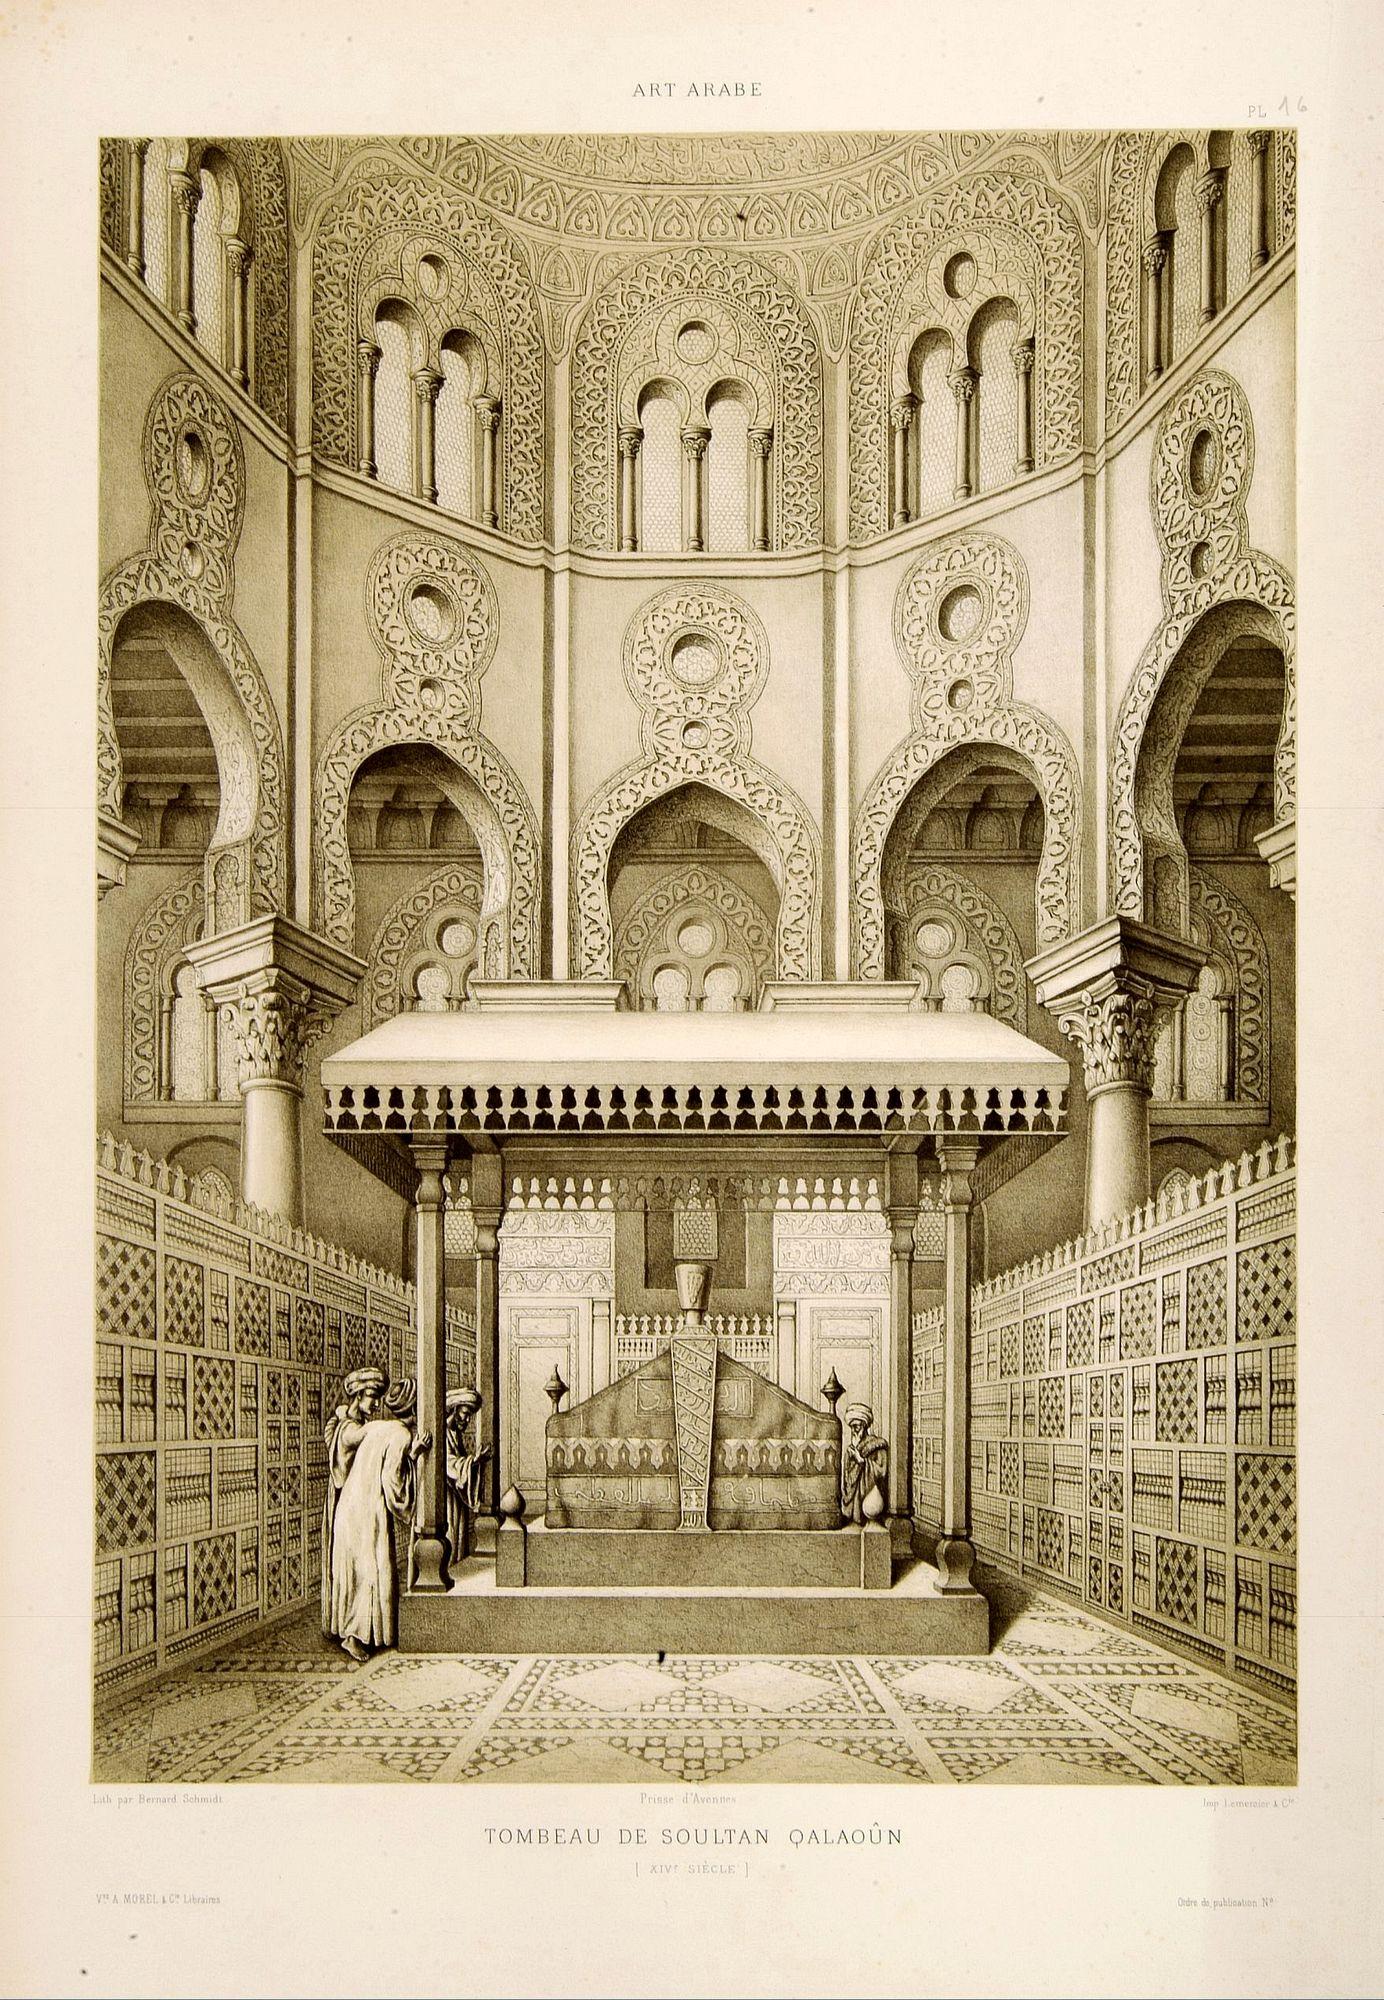 PRISSE D'AVENNES, E. -  Tombeau de Soultan Qalaoûn.